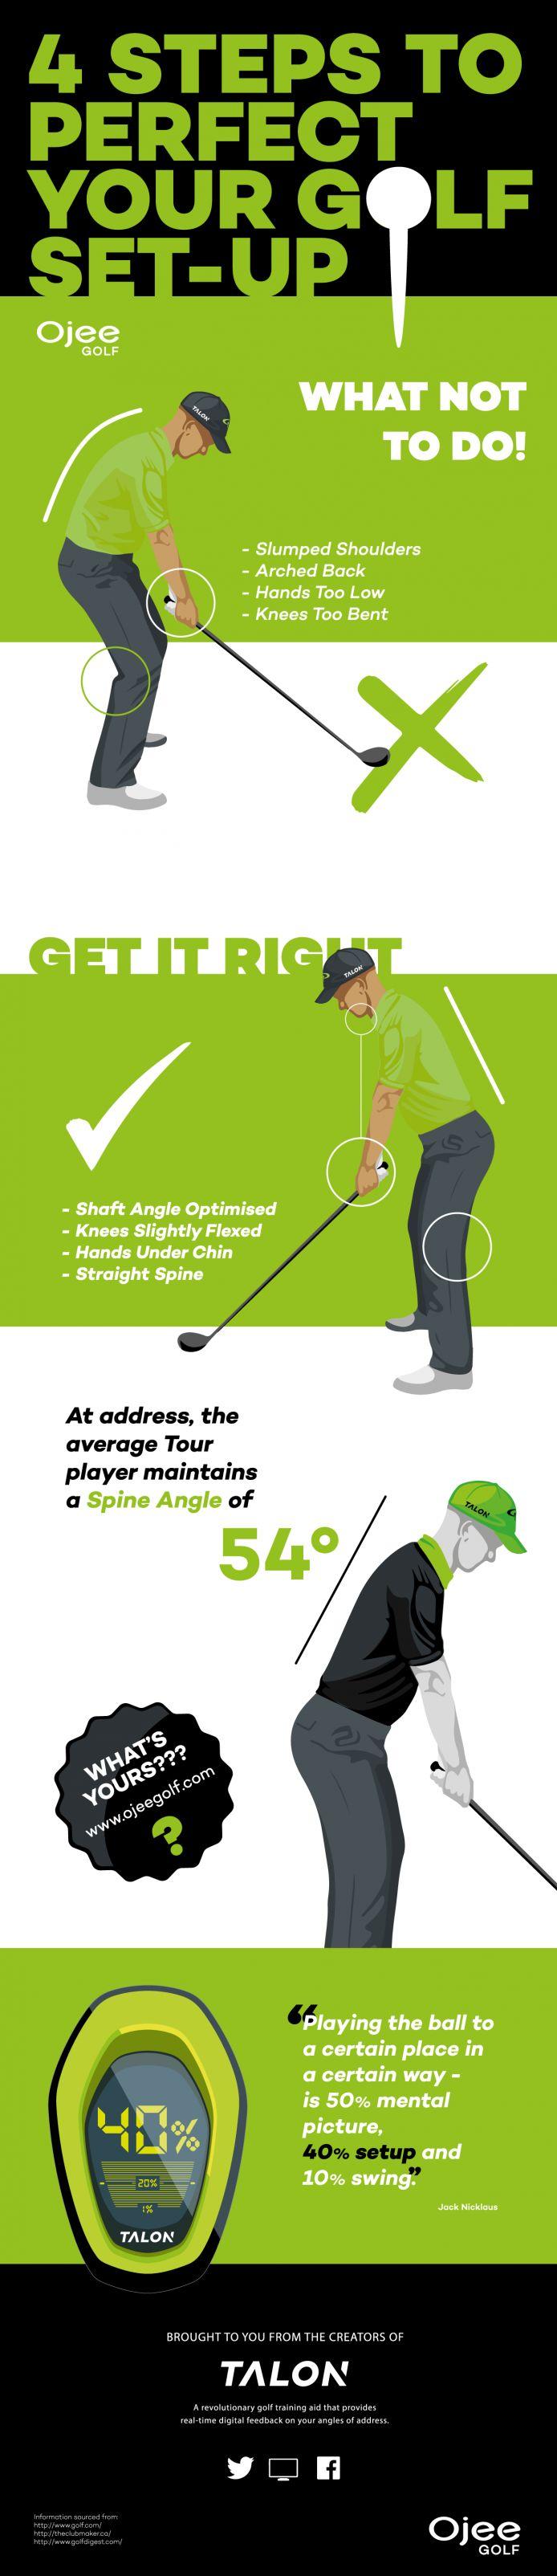 POSTURA ERGUIDA  El golf es en un 40% el setup o stance, o lo que es lo mismo, la postura frente a la bola. Lo más importante es mantener la espalda recta con una inclinación aproximada de 54º. De esta manera conseguiremos prevenir lesiones de lumbar. Una postura erguida nos permitirá una mejor rotación.  Tenemos que tener en cuenta la posición de las rodillas, es primordial no estar demasiado sentado a la bola, eso puede provocar que no toda la base del palo esté en contacto con el suelo.